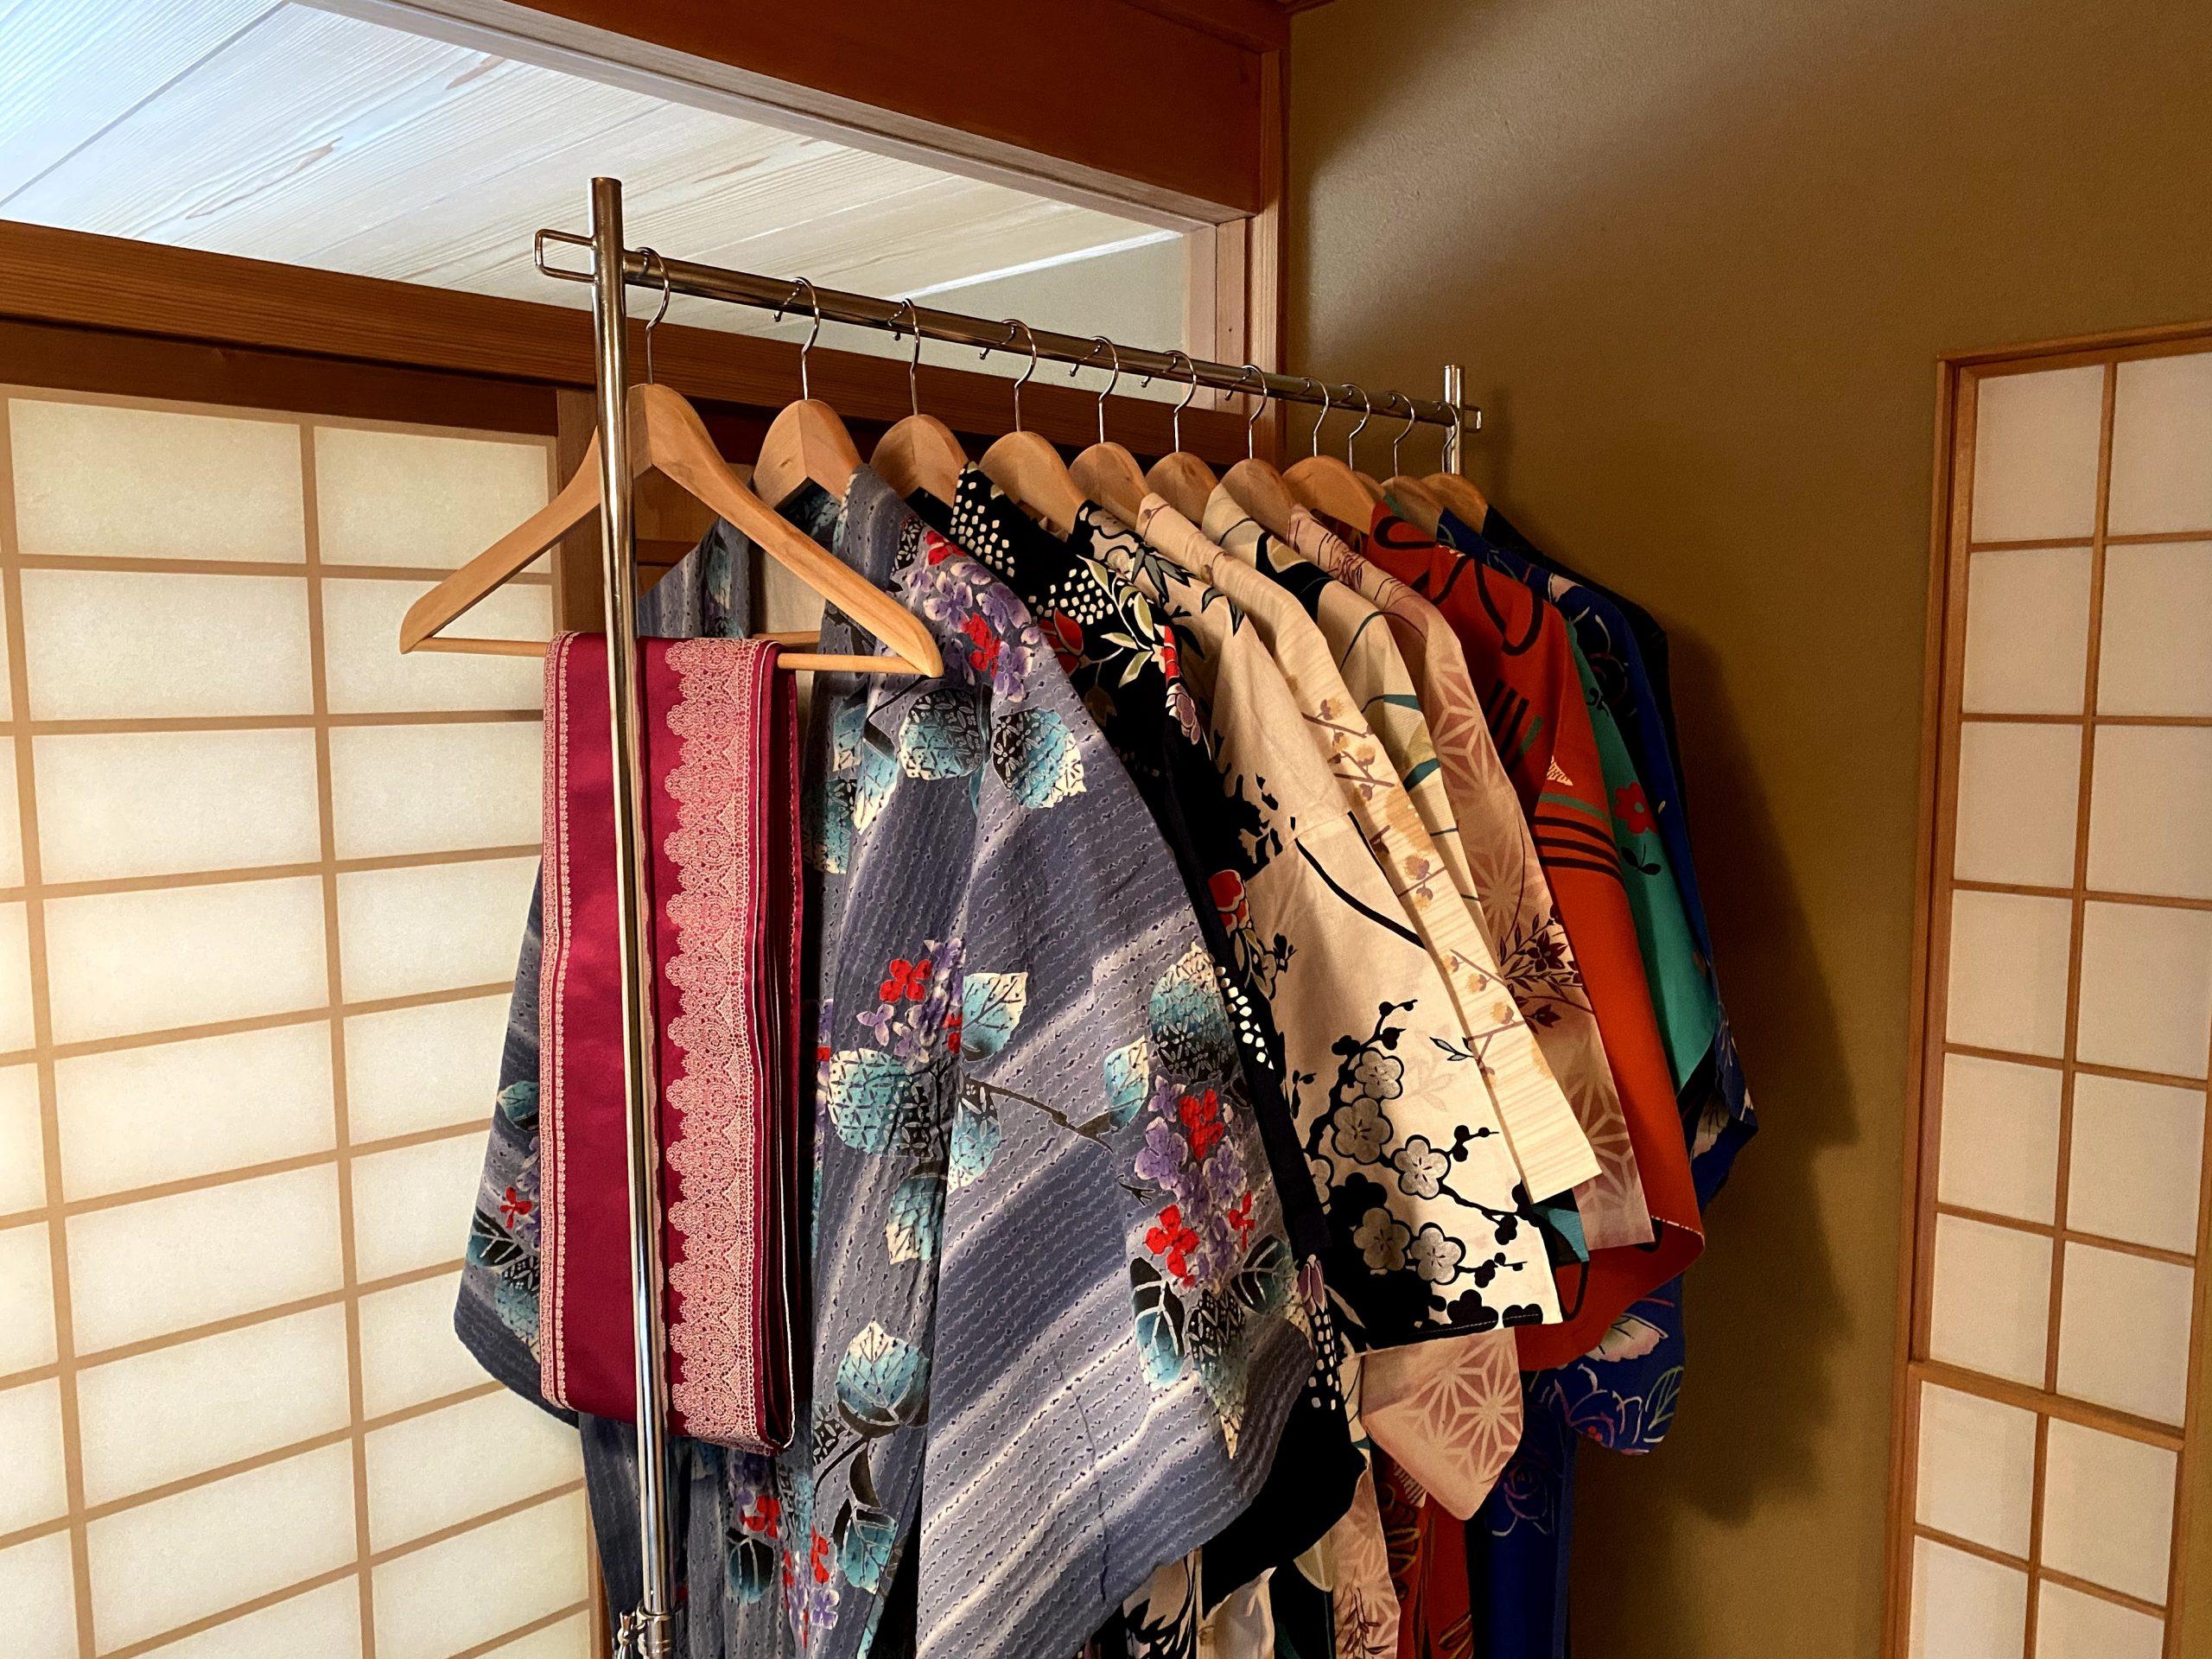 レンタル着物店で愛用されている着物や浴衣におすすめハンガーラック